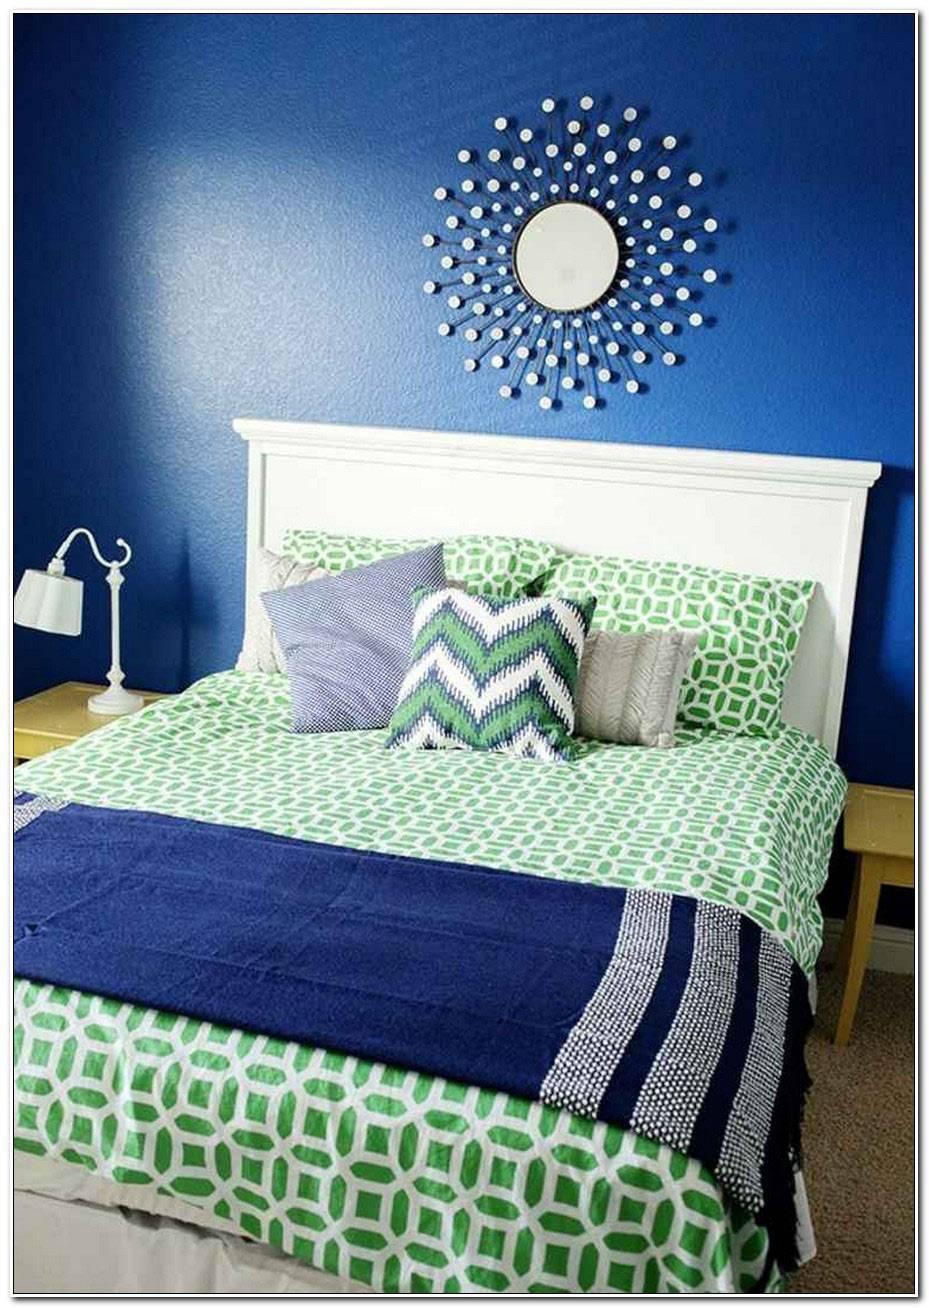 Chambre Ado Bleu Vert